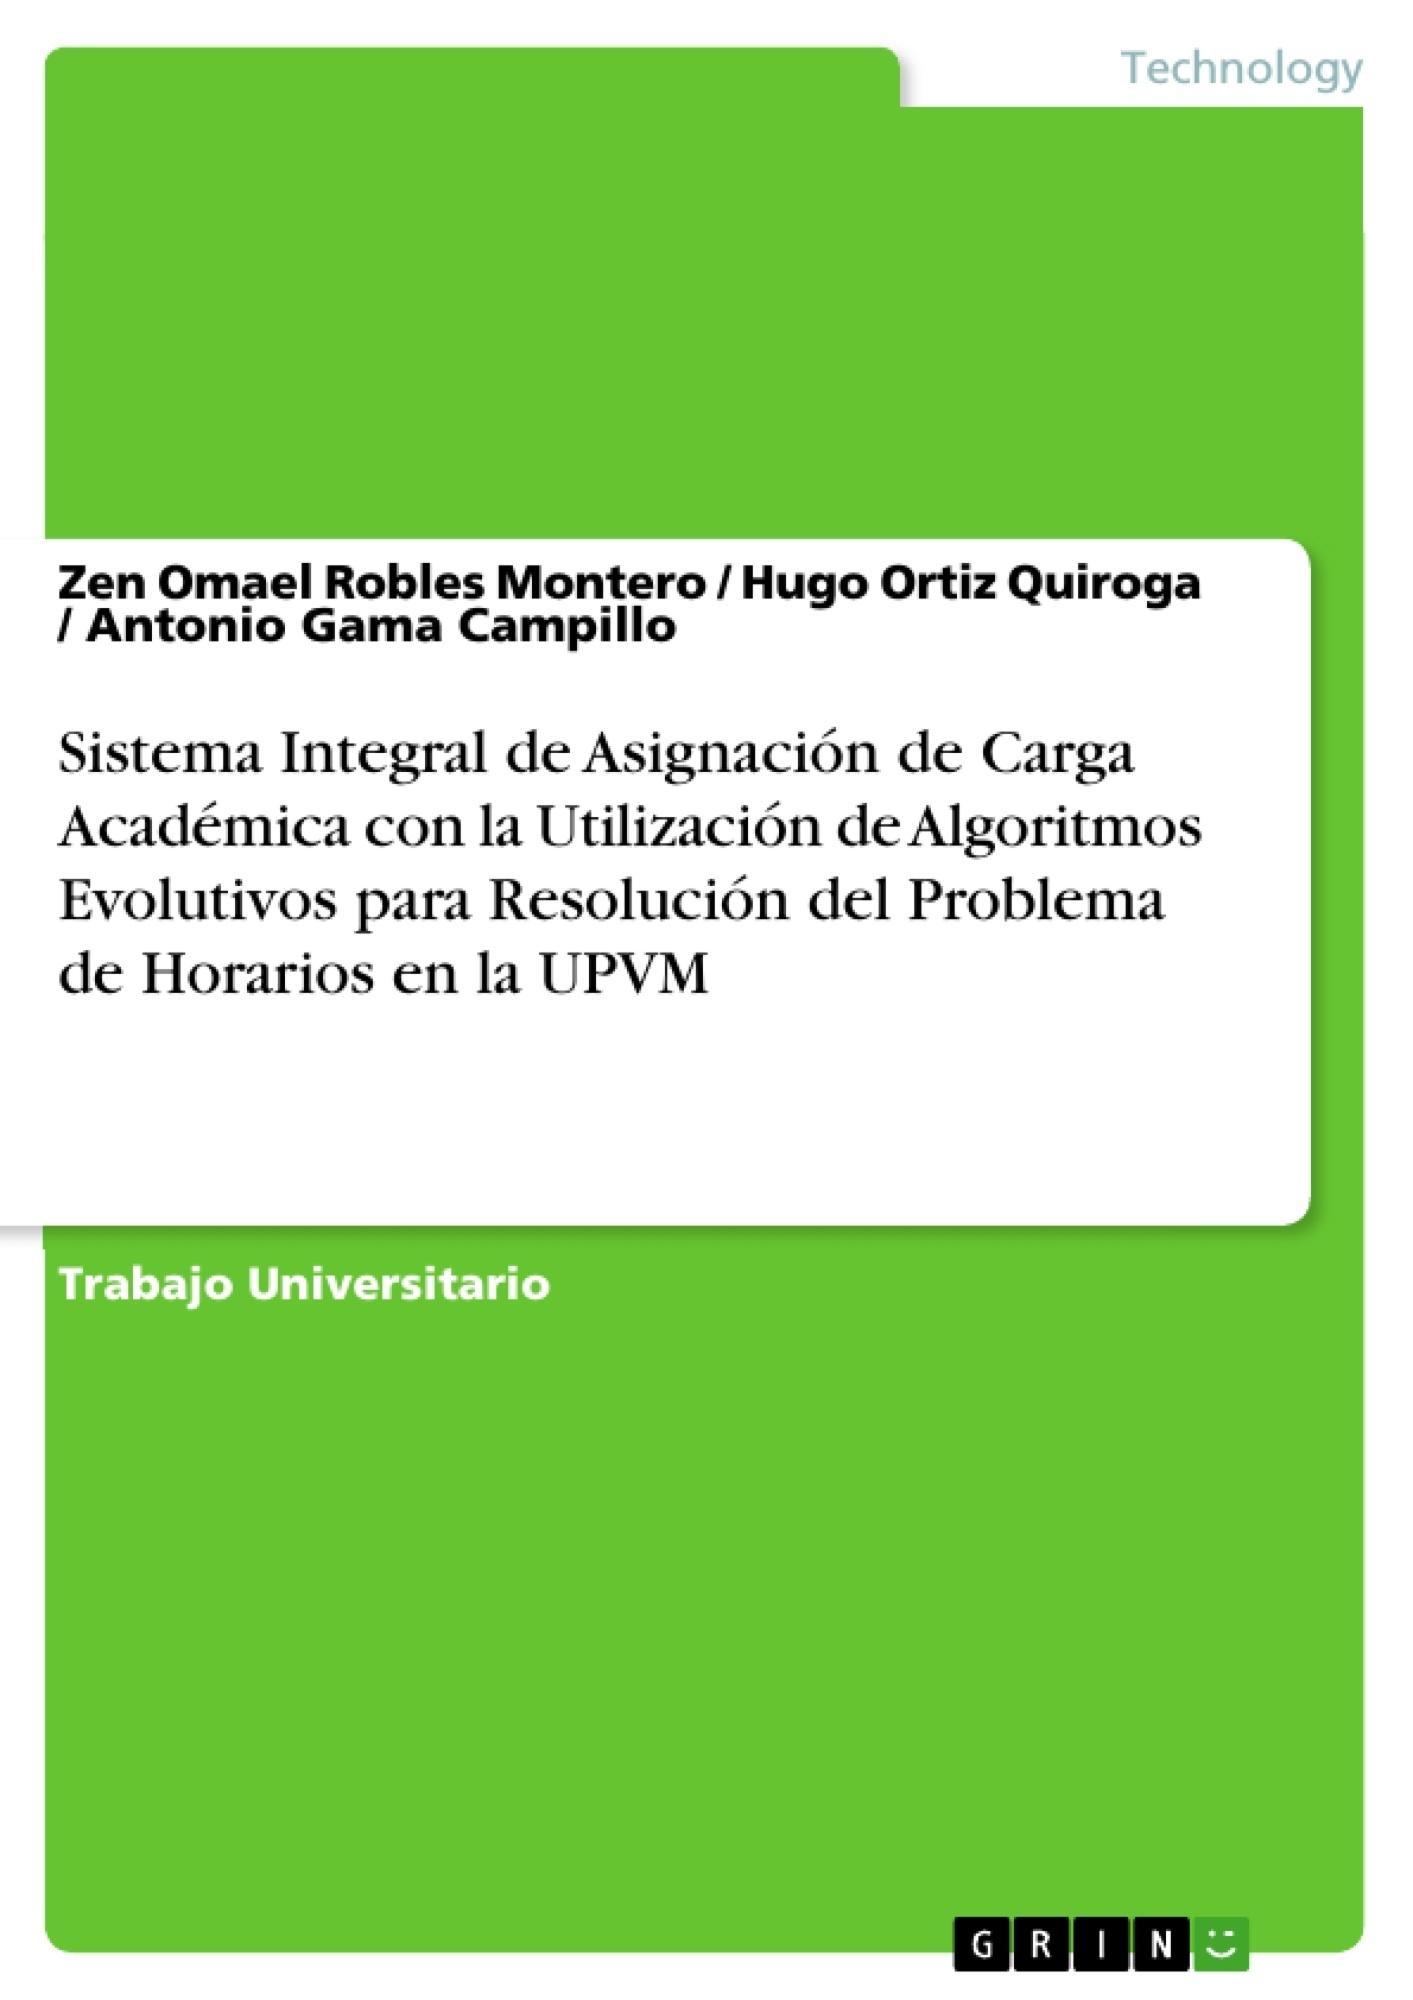 Título: Sistema Integral de Asignación de Carga Académica con la Utilización de Algoritmos Evolutivos para Resolución del Problema de Horarios en la UPVM